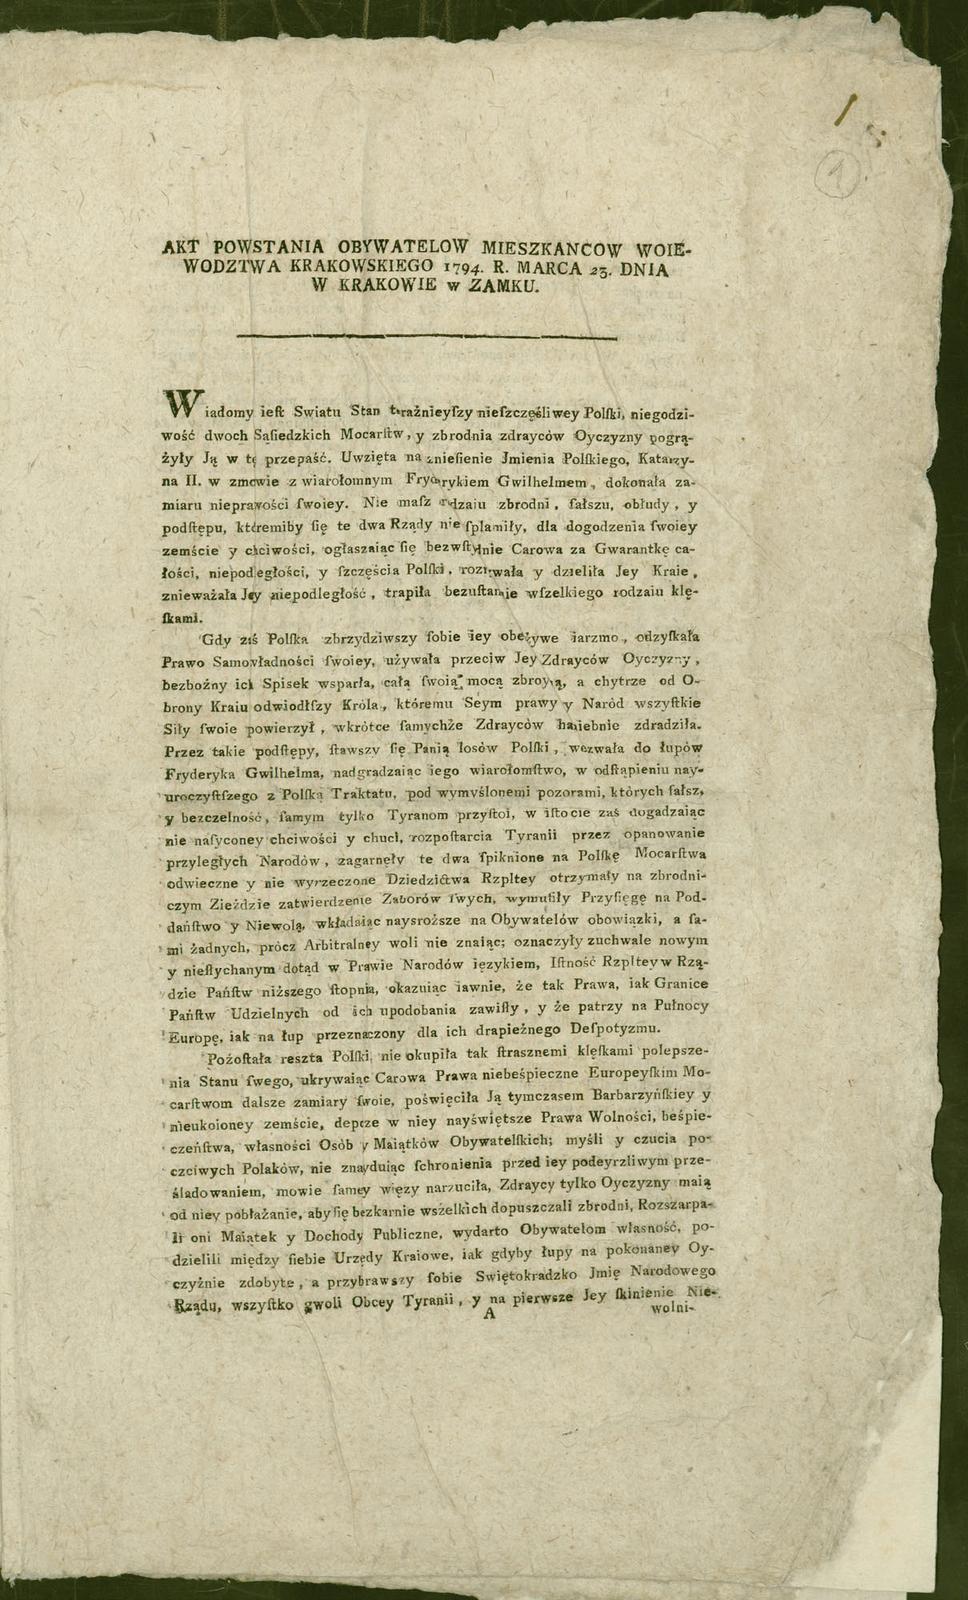 Akt powstania kościuszkowskiego, dat. Kraków 24 marca 1794 r. Akt powstania kościuszkowskiego, dat. Kraków 24 marca 1794 r. Źródło: domena publiczna.